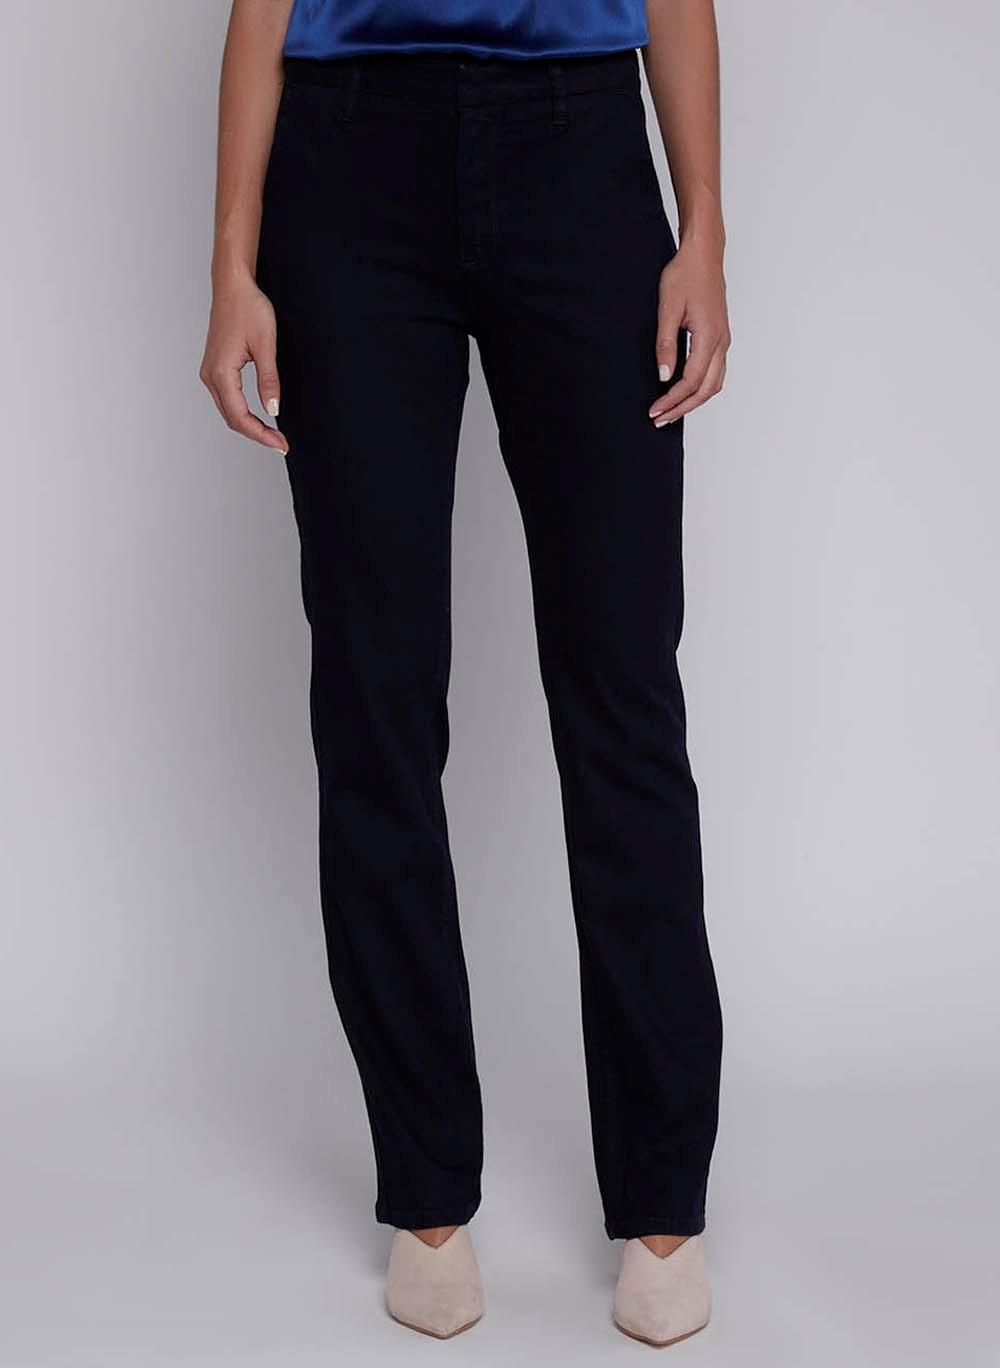 Calça Jeans Feminina Reta Bolso Faca Essentials Dudalina